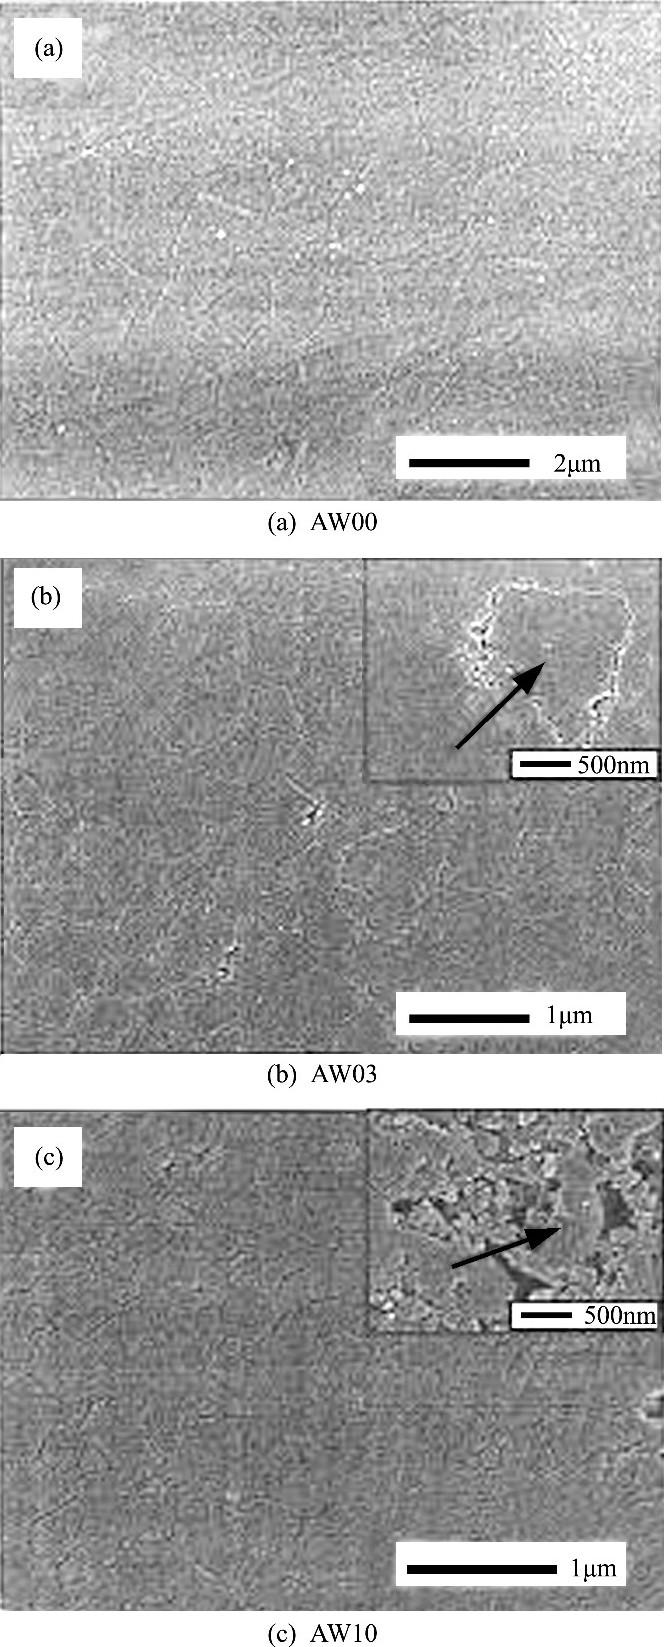 图2 抛光表面的SEM照片